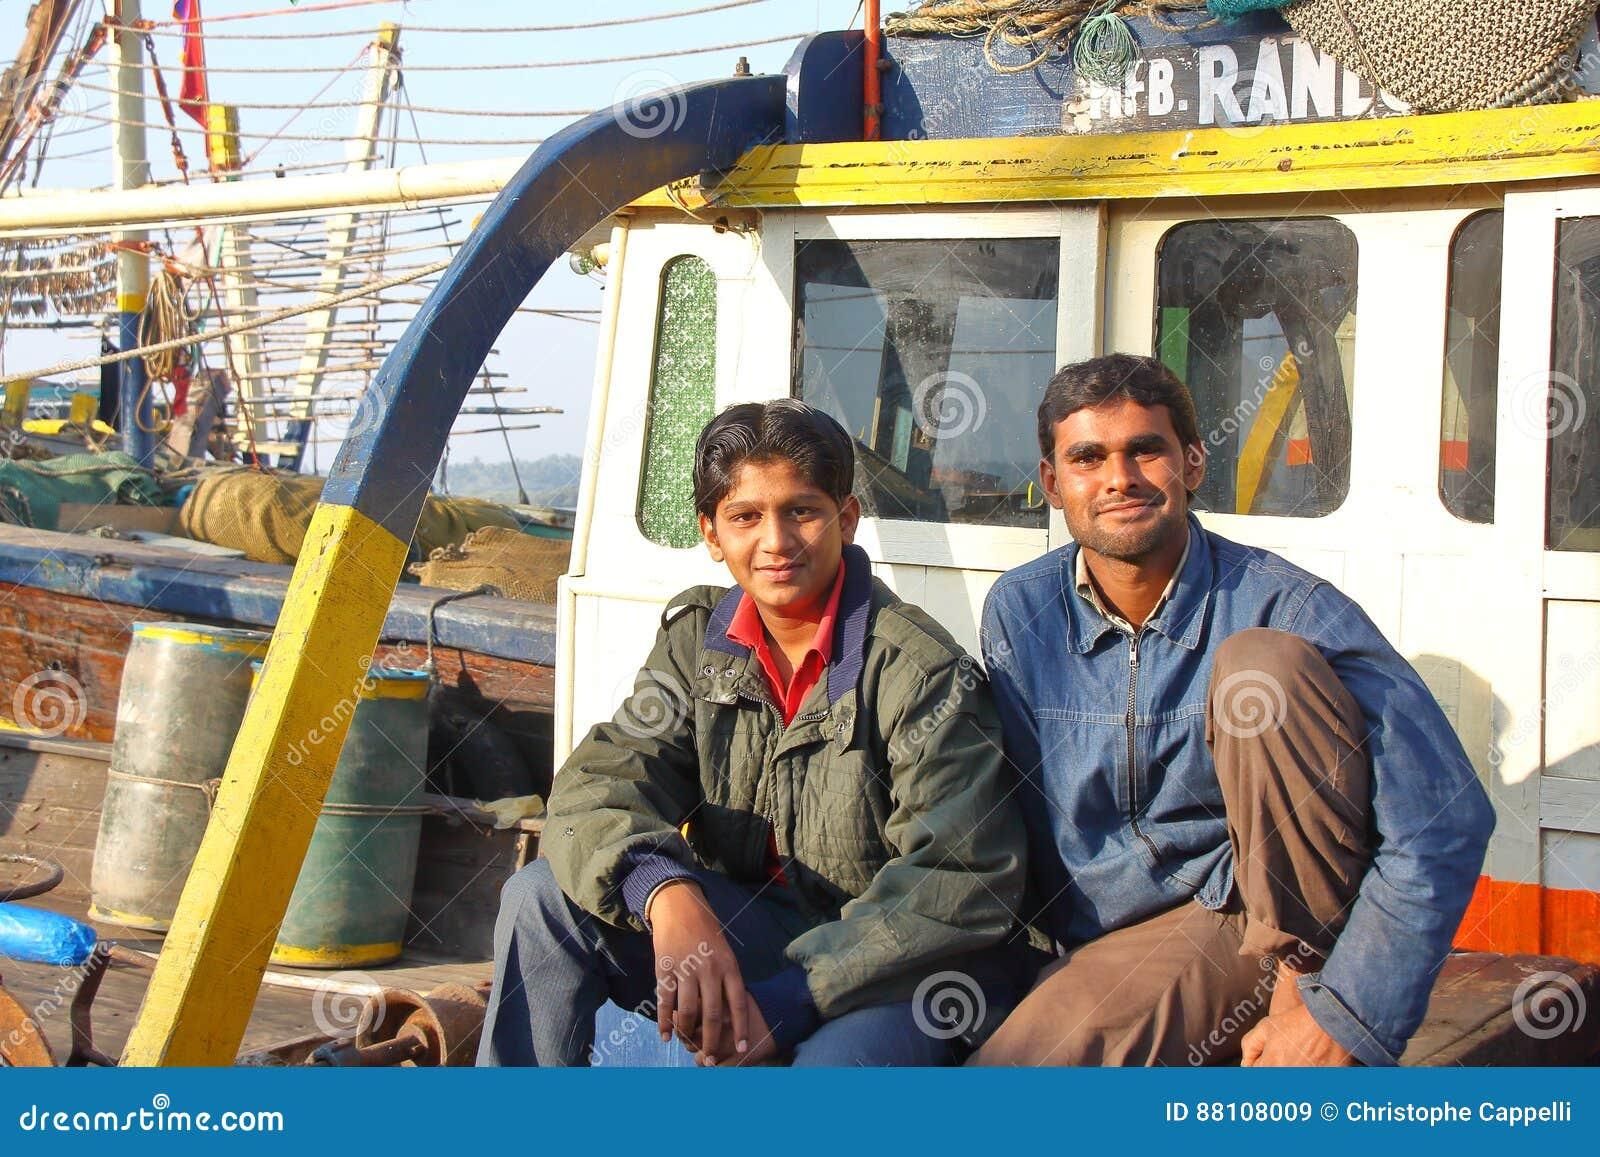 DIU, INDIA - JANUARI 8, 2014: Portret van twee vissersvader en zoon op hun vissersboot bij de Vissershaven van Vanakbara